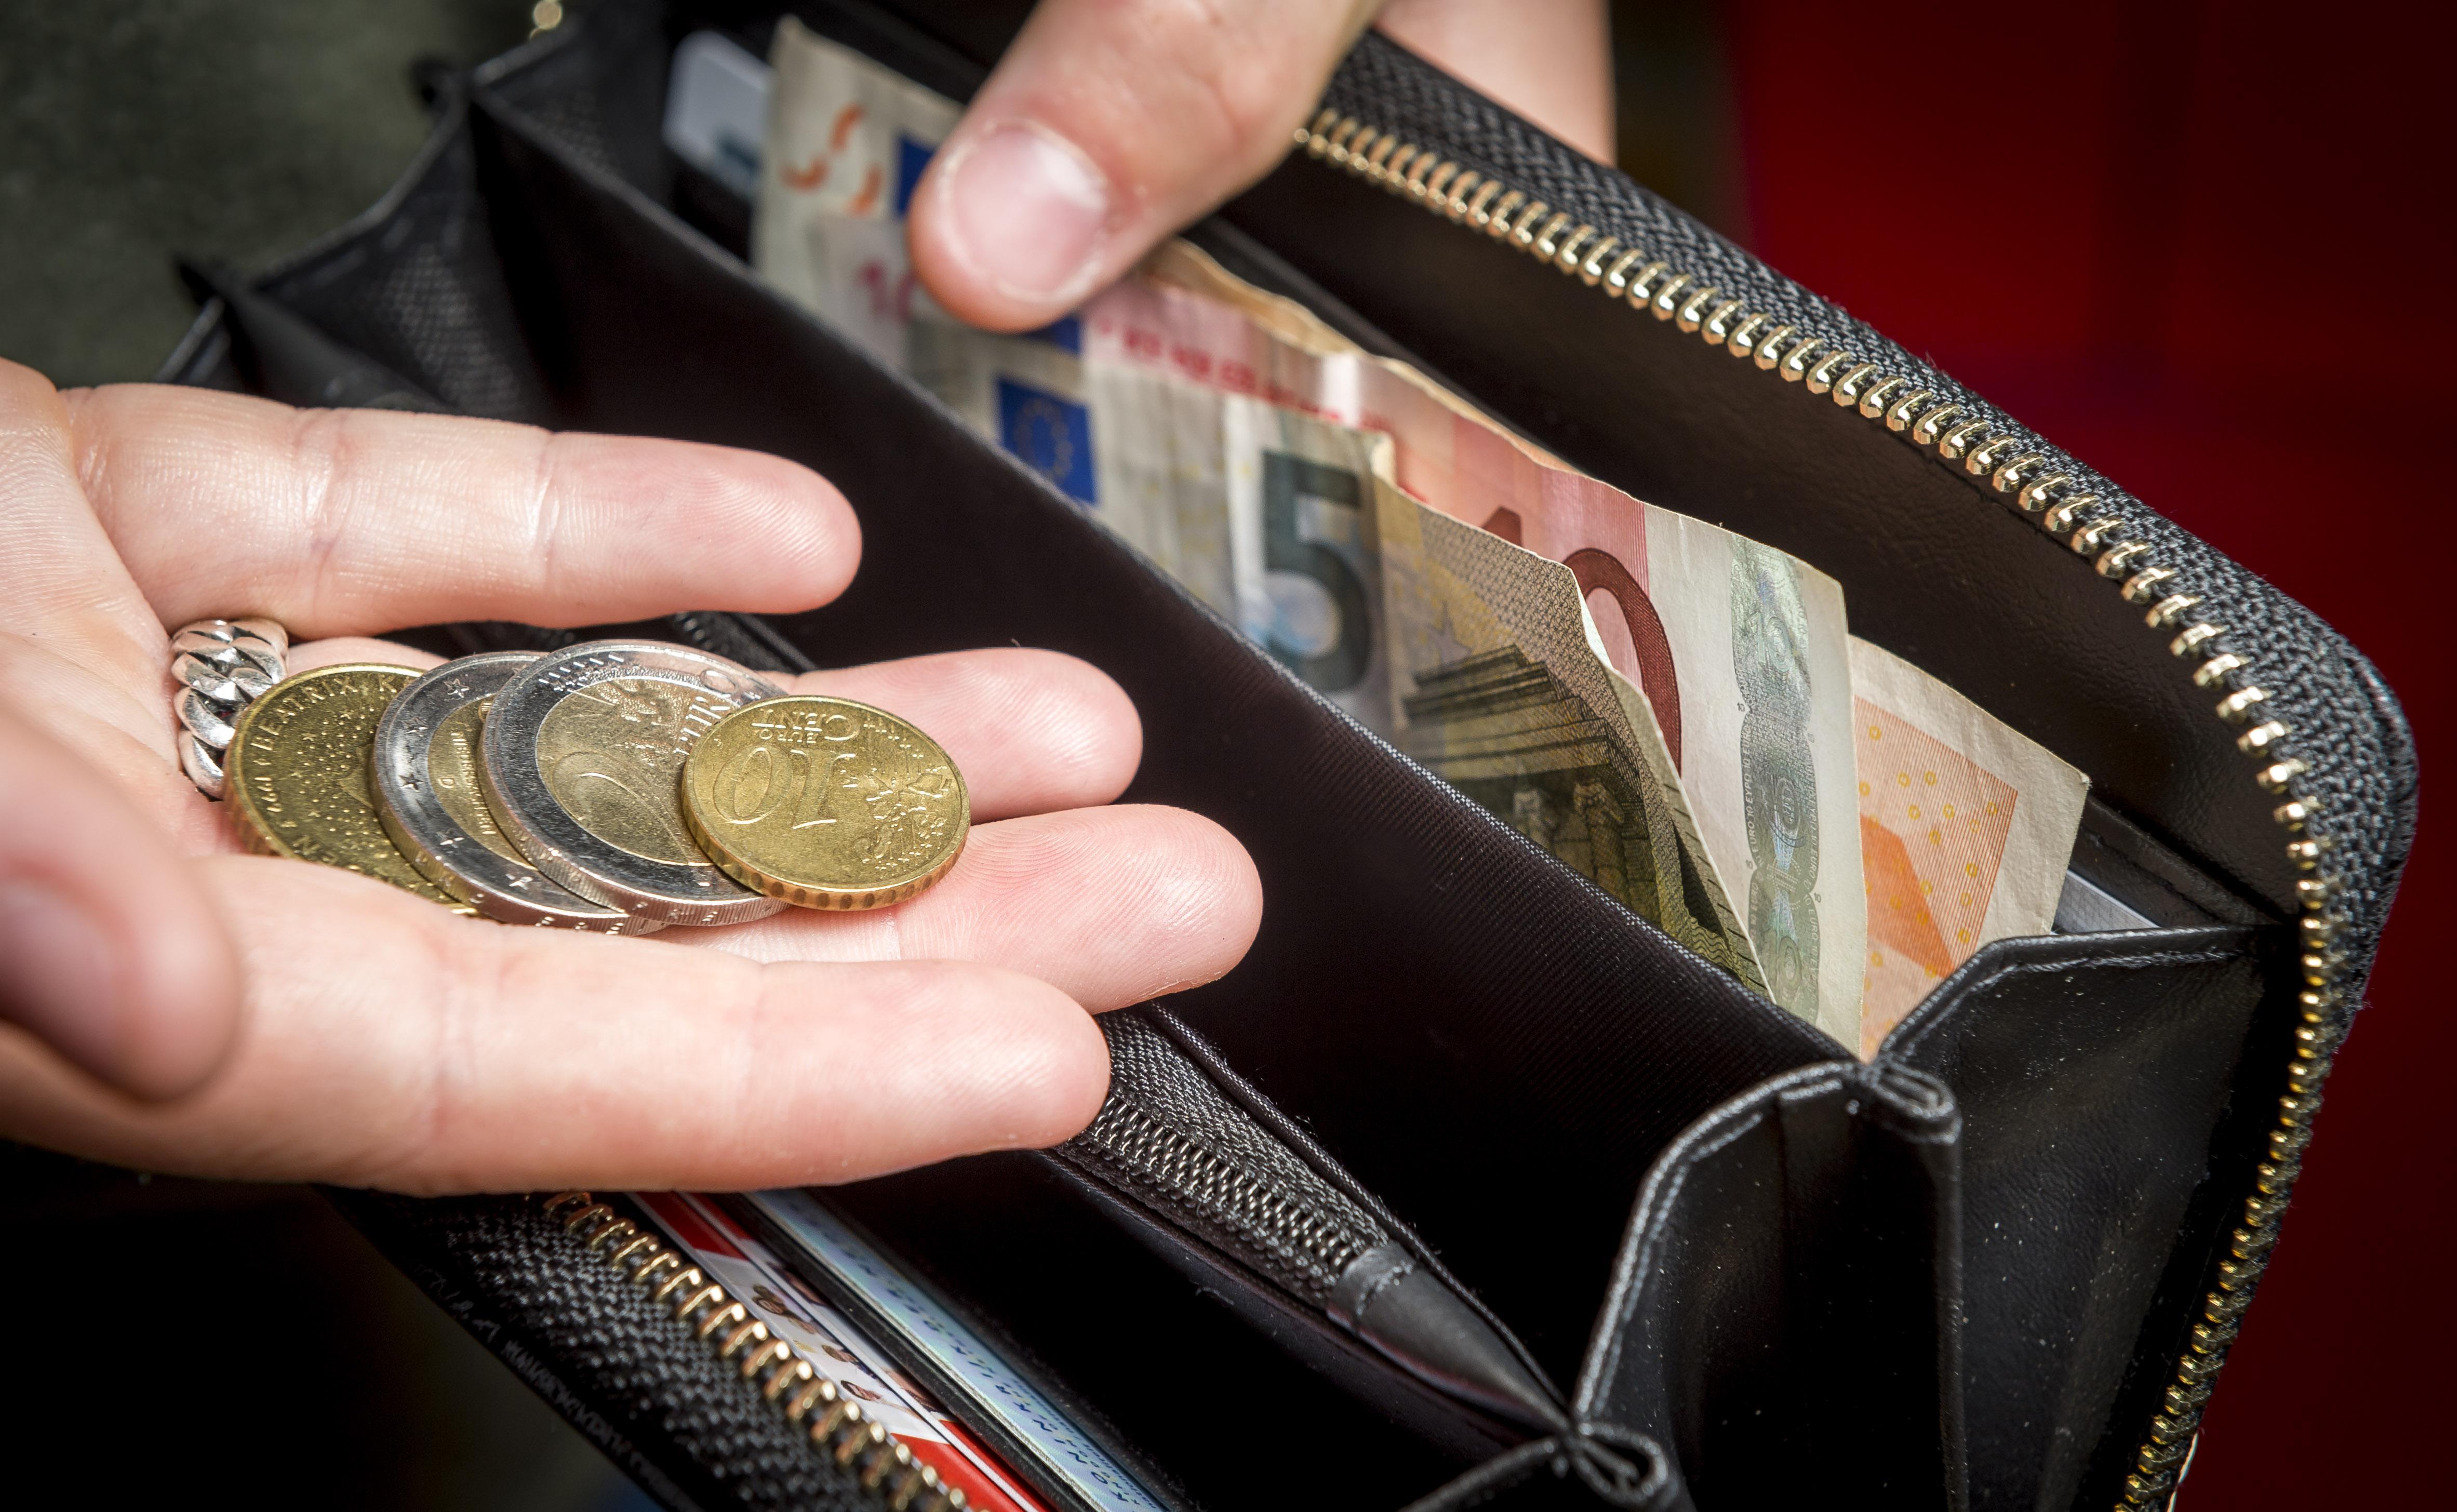 Strakkere afspraken met organisaties die Den Helder helpen met het uitvoeren van armoede- en schuldenbeleid